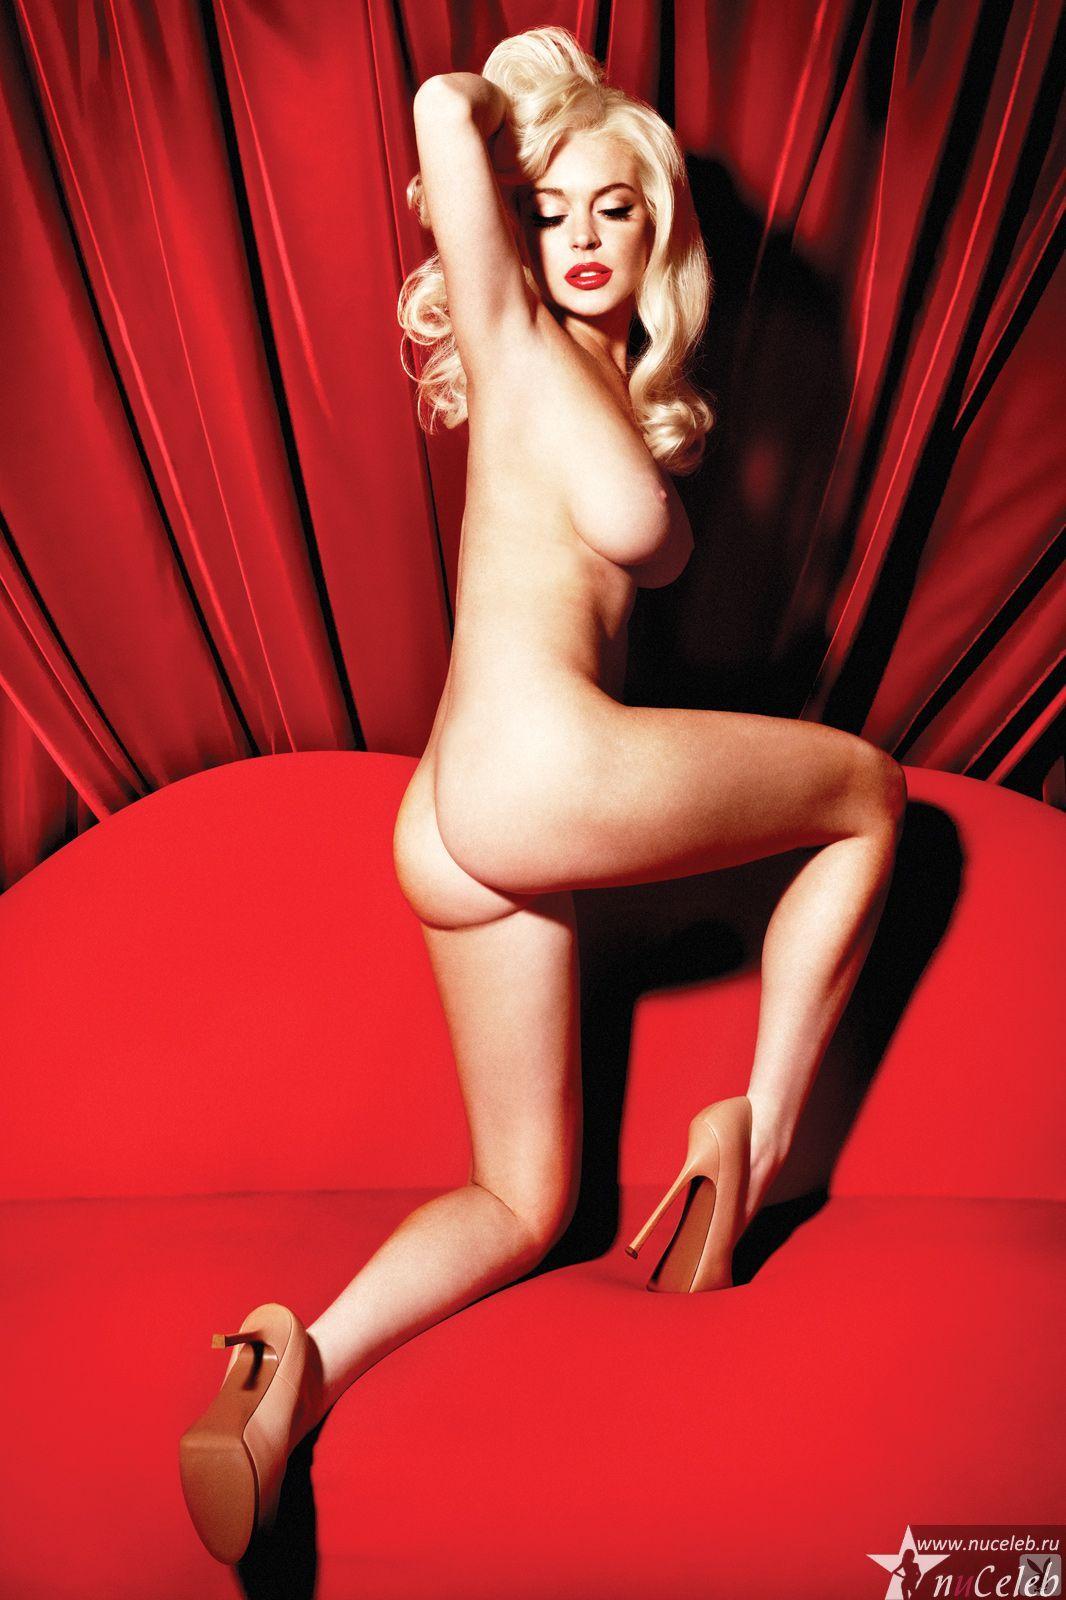 Torri higginson nude pictures